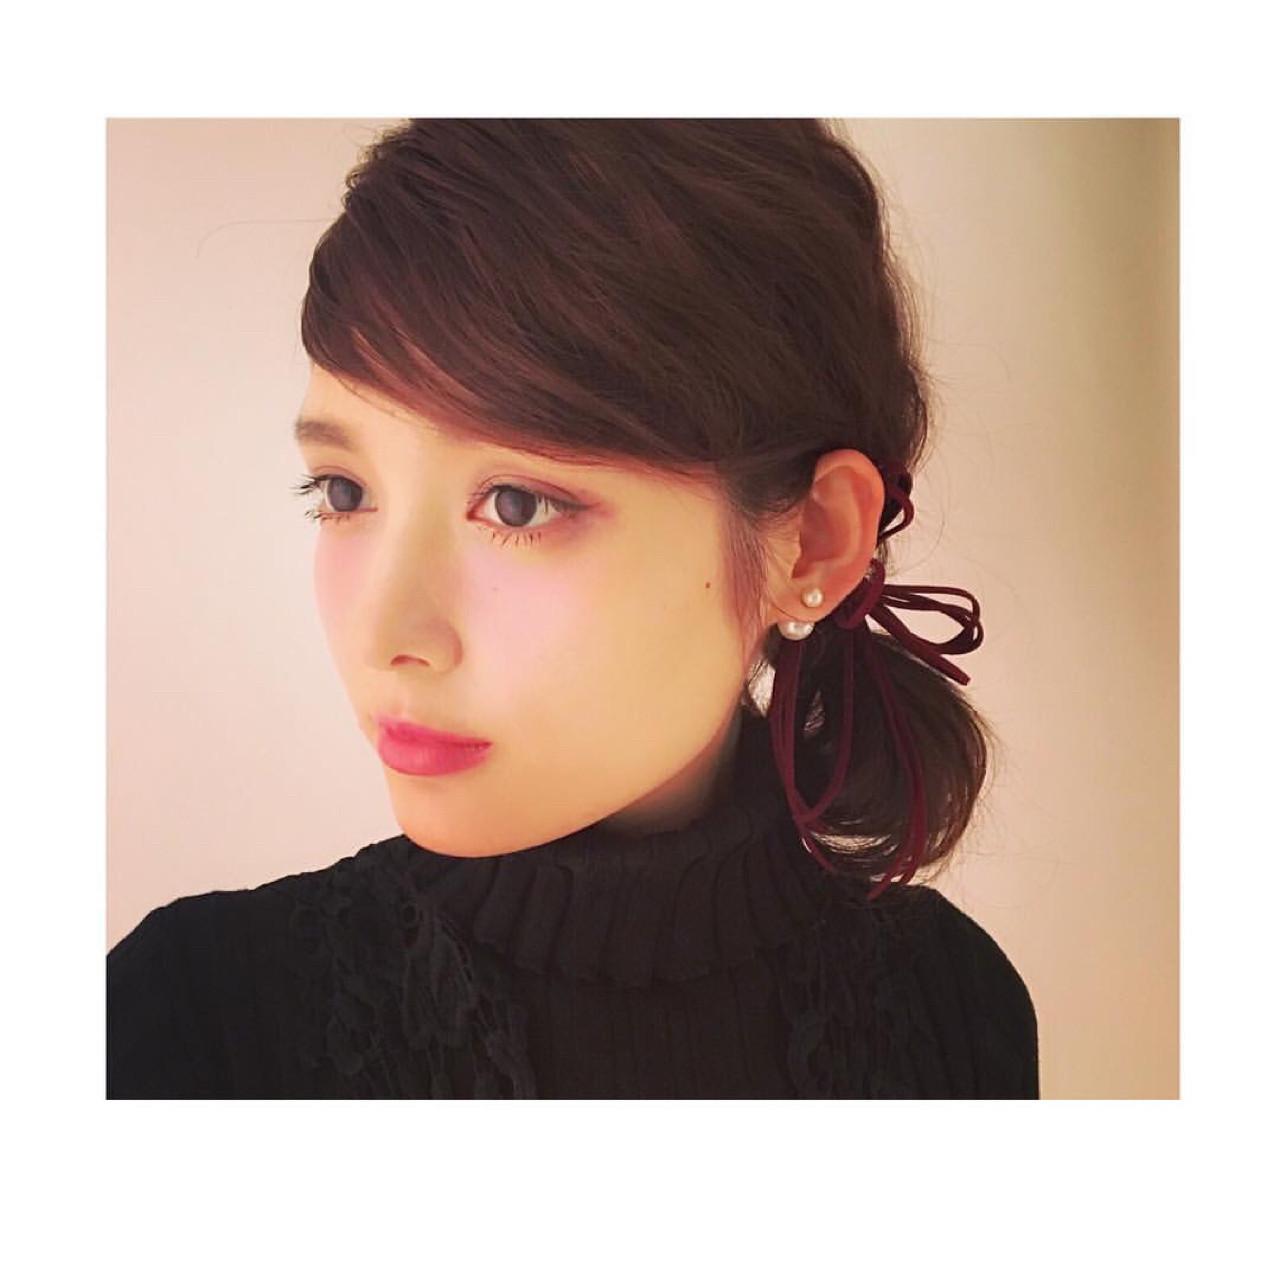 ミディアム フェミニン 前髪あり 外国人風 ヘアスタイルや髪型の写真・画像 | 石川 琴允 /